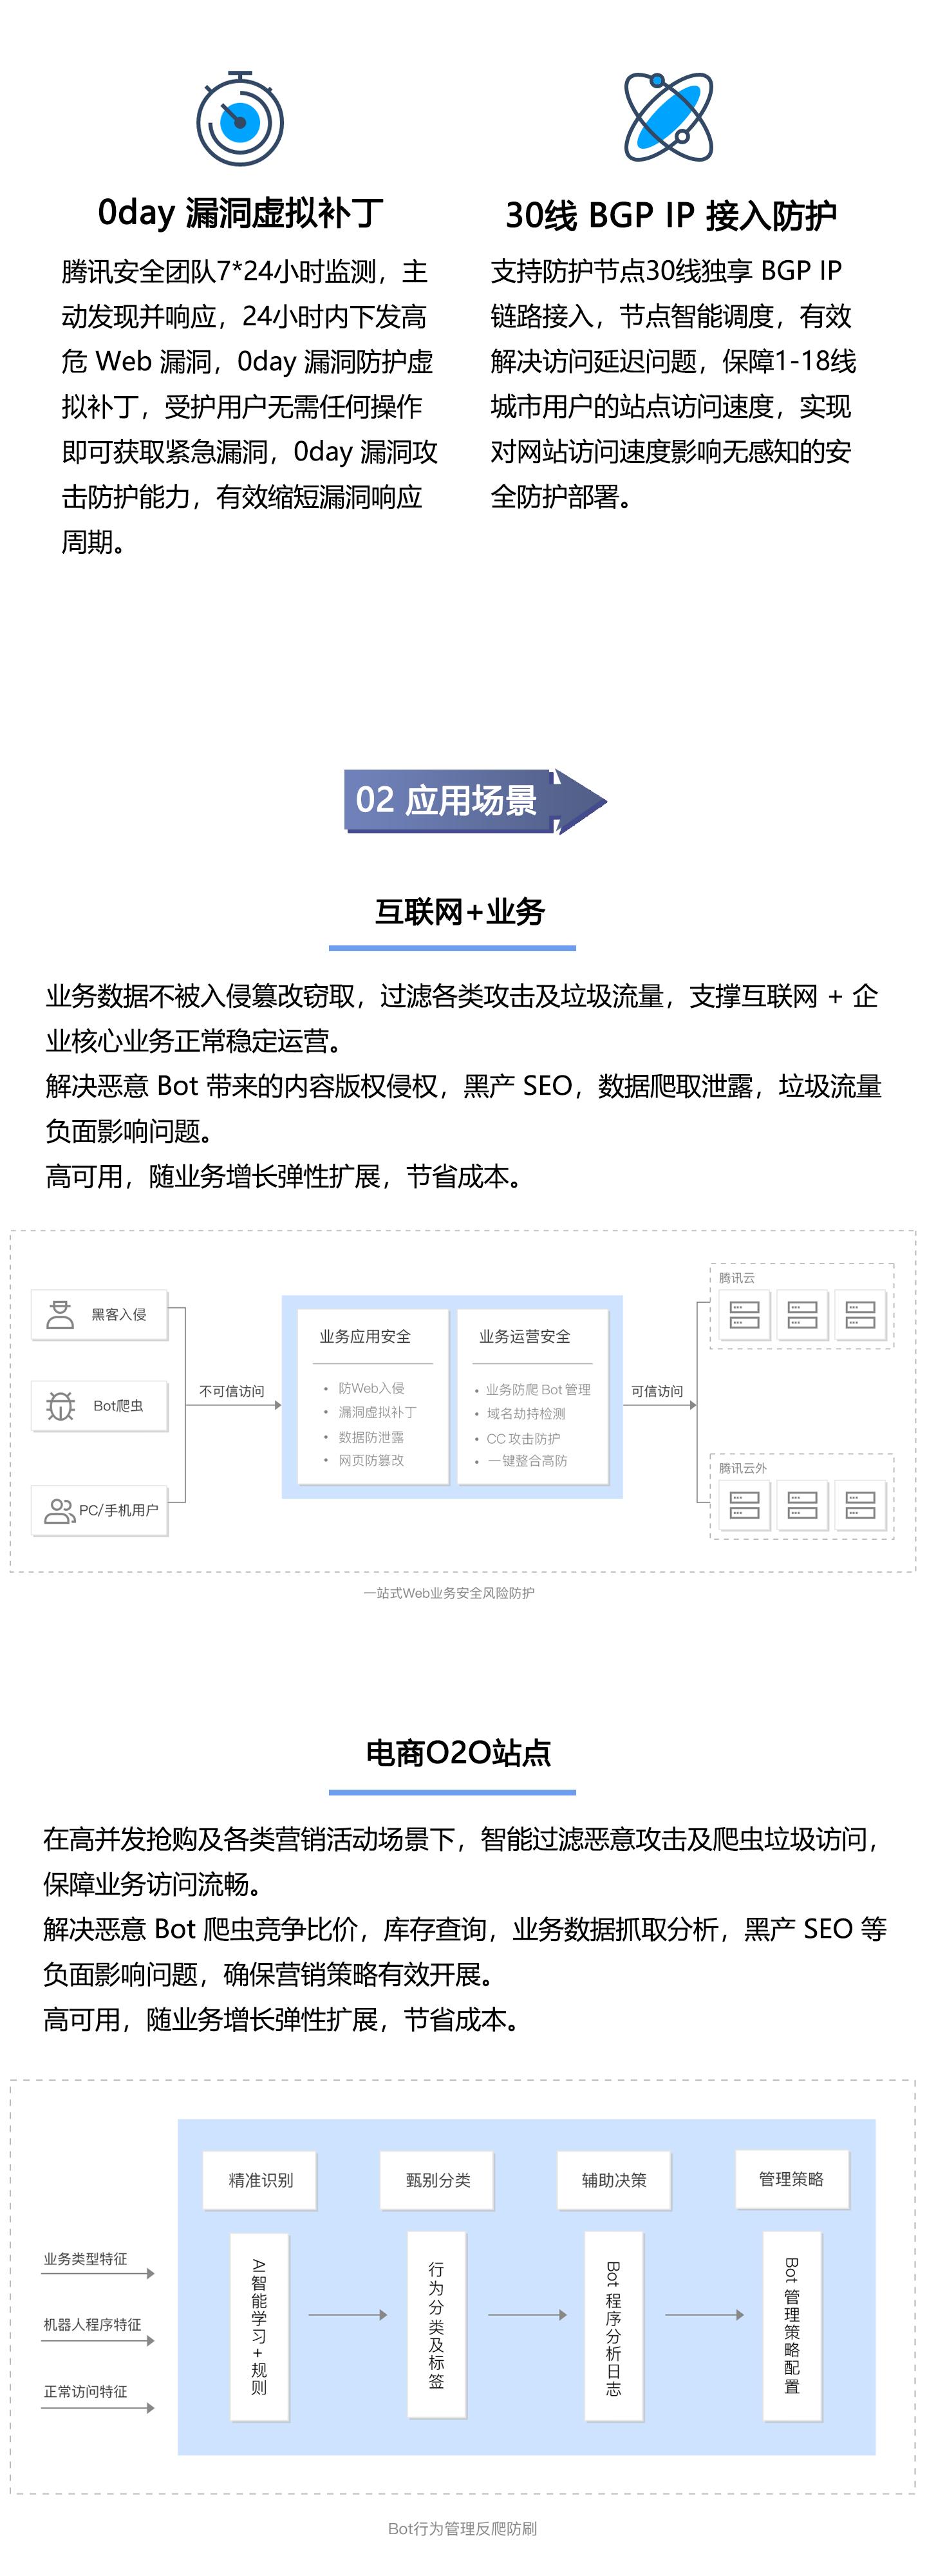 T-Sec-Web-应用防火墙1440_02.jpg